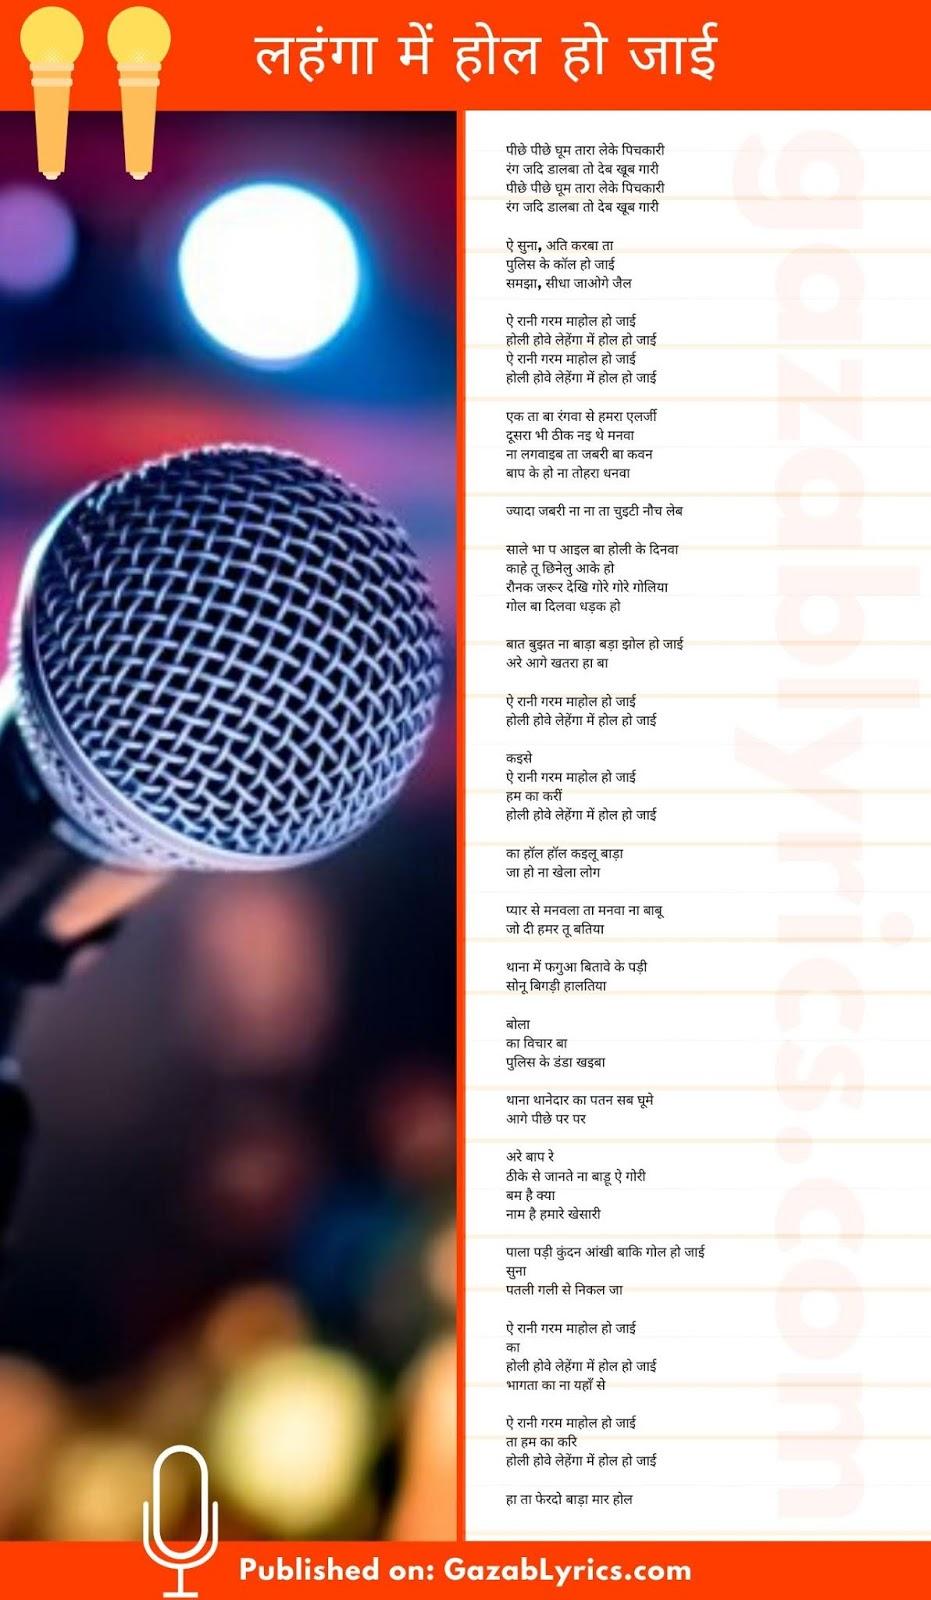 Lehenga Mein Hol Ho Jayi song lyrics image